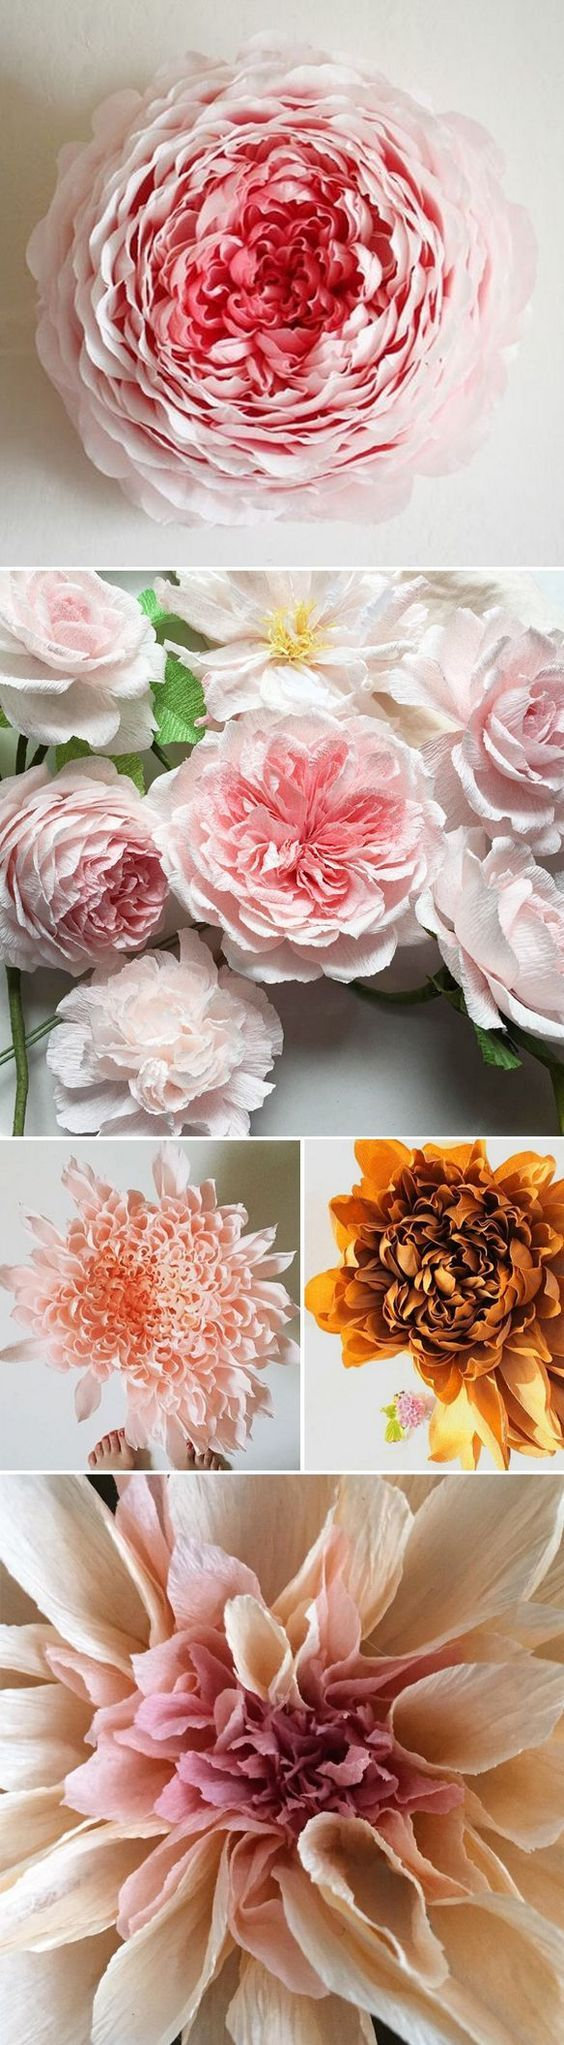 paper flowers by tiffanie turner